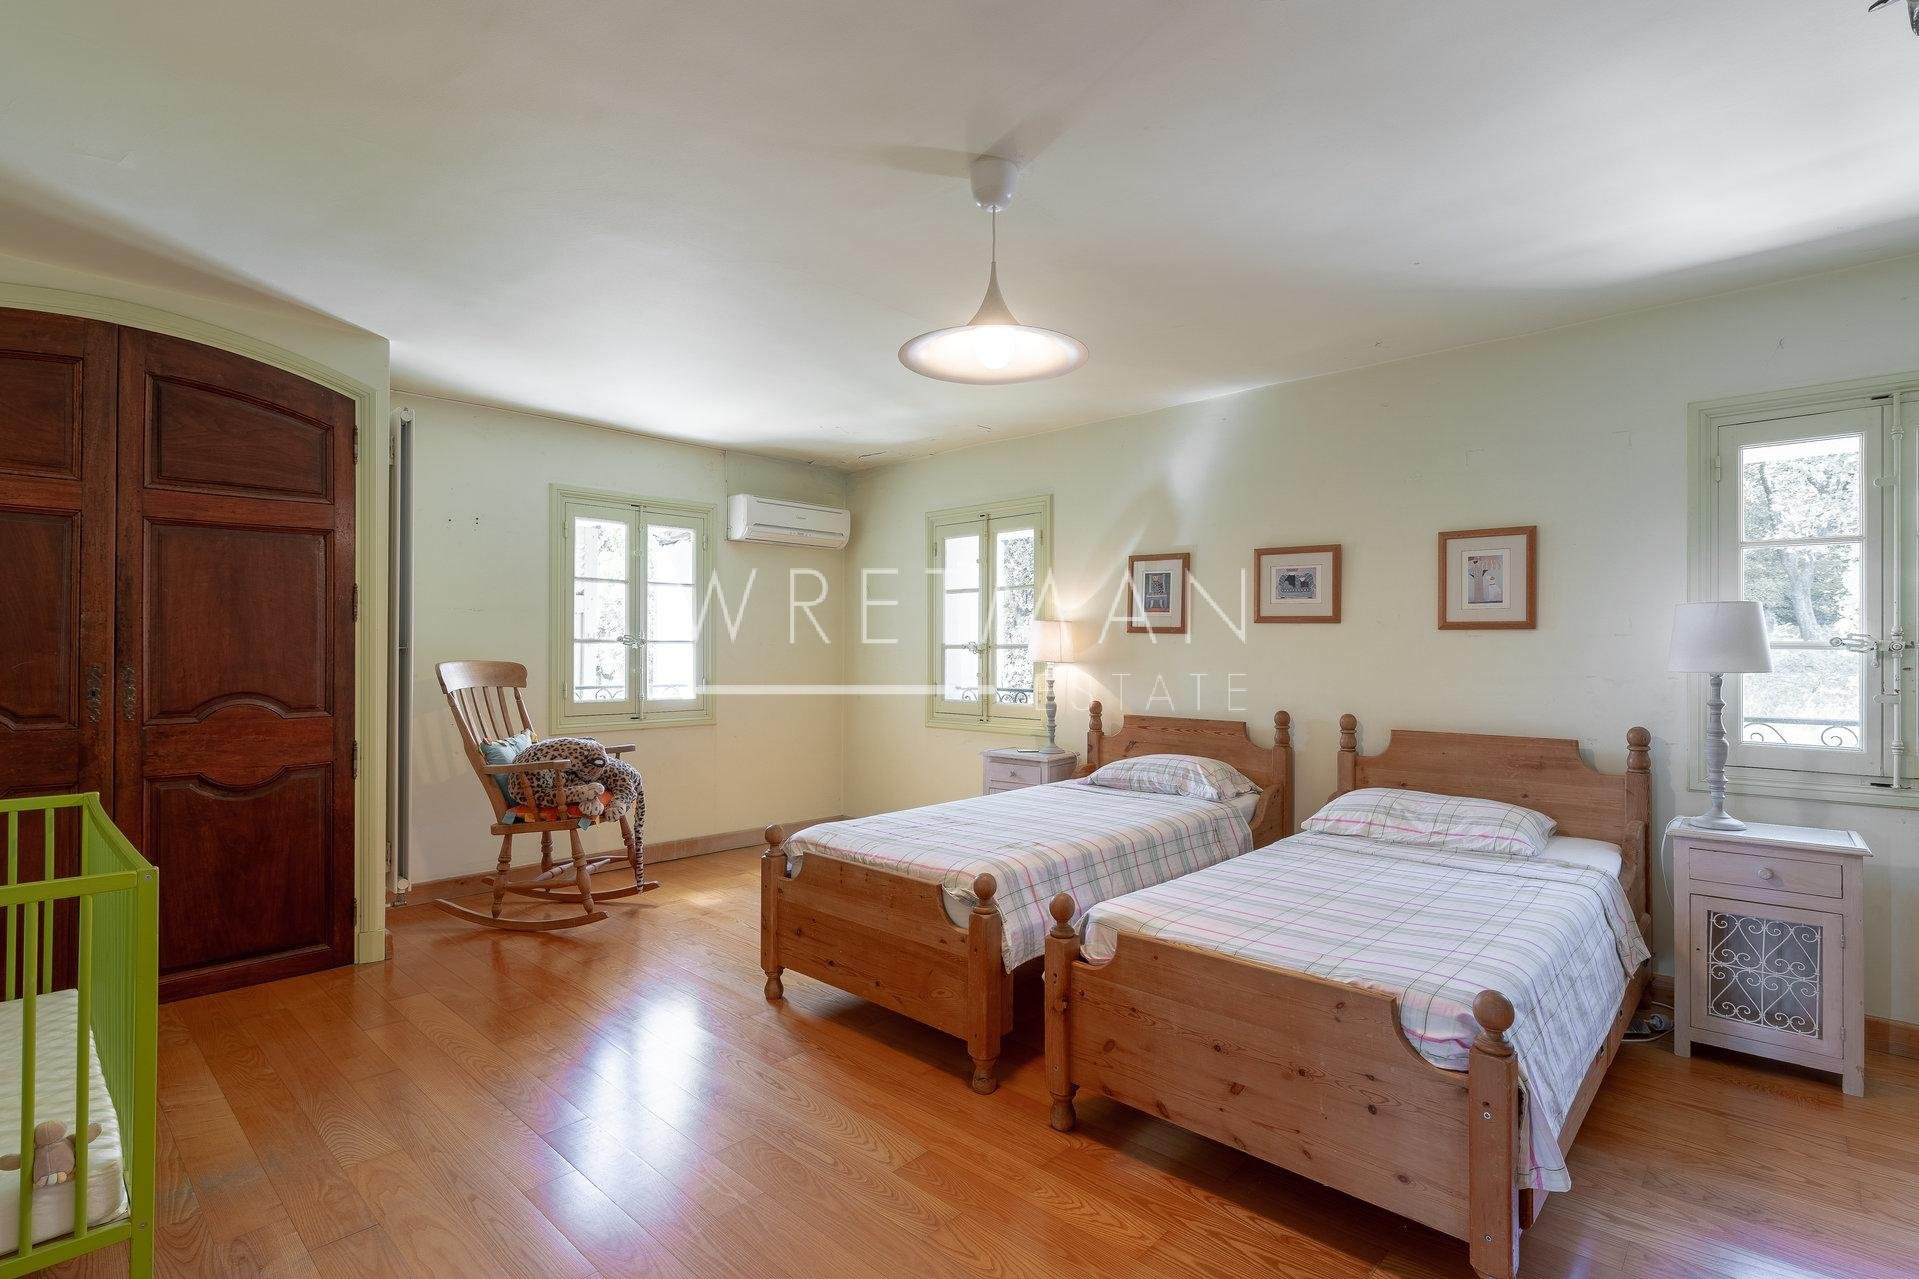 ACCPETERAT BUD. Historisk villa i utkanten av Draguignan - Draguignan